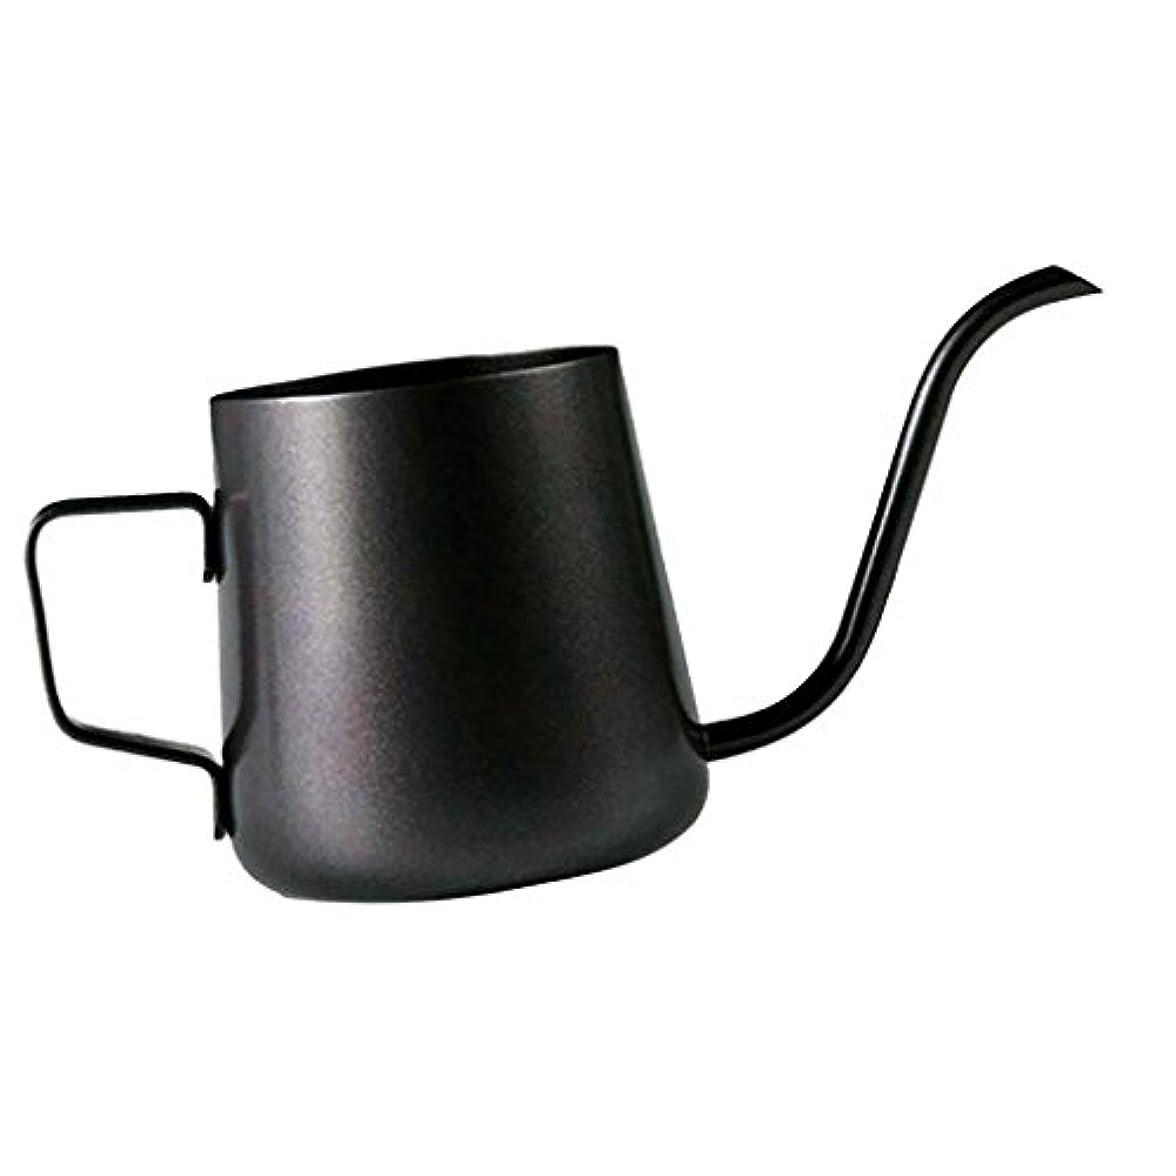 キャンペーンつかむルビーHomeland コーヒーポット お茶などにも対応 クッキング用品 ステンレス製 エスプレッソポット ケトル - ブラック, 250ミリリットル